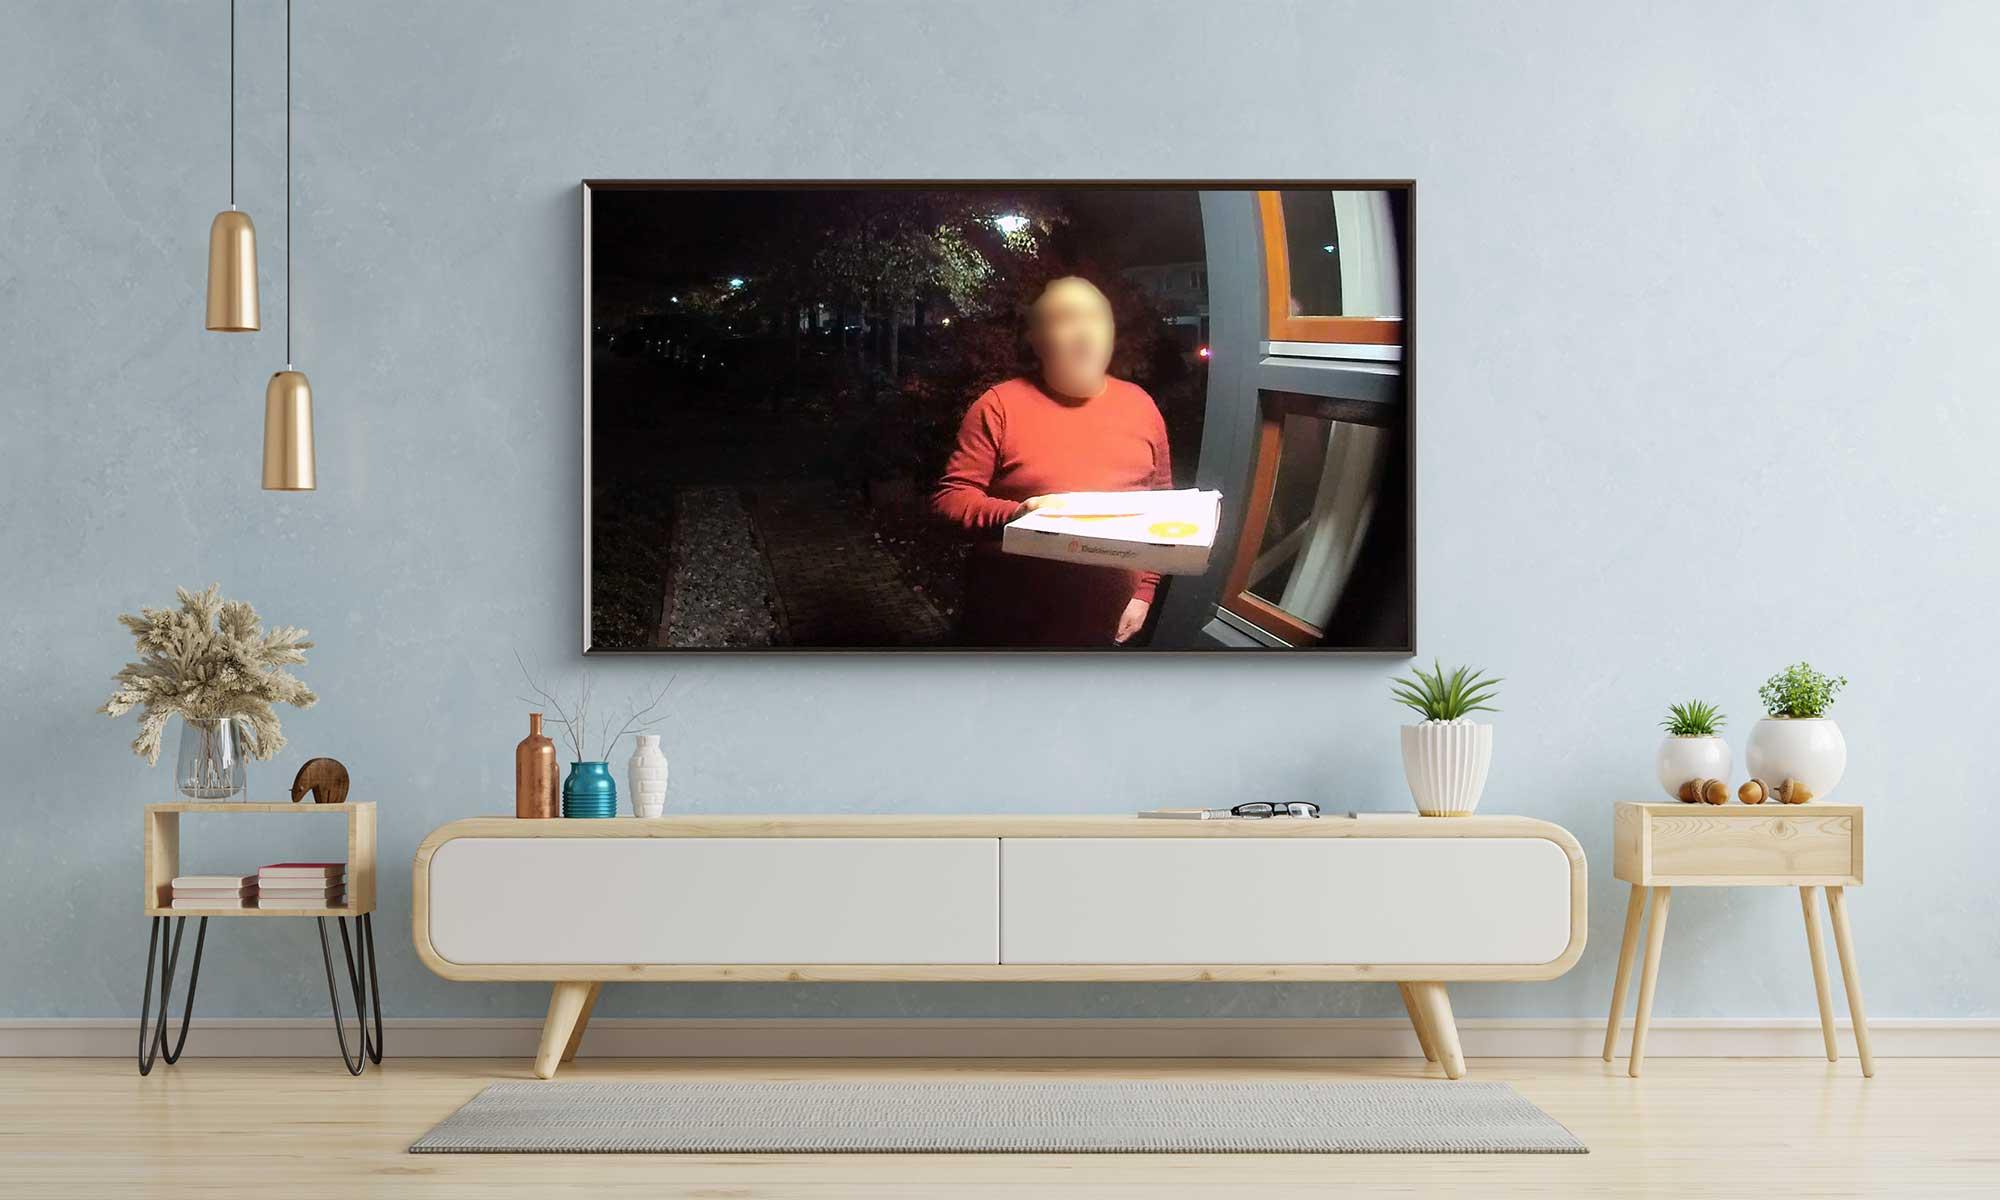 Ring beeld op TV